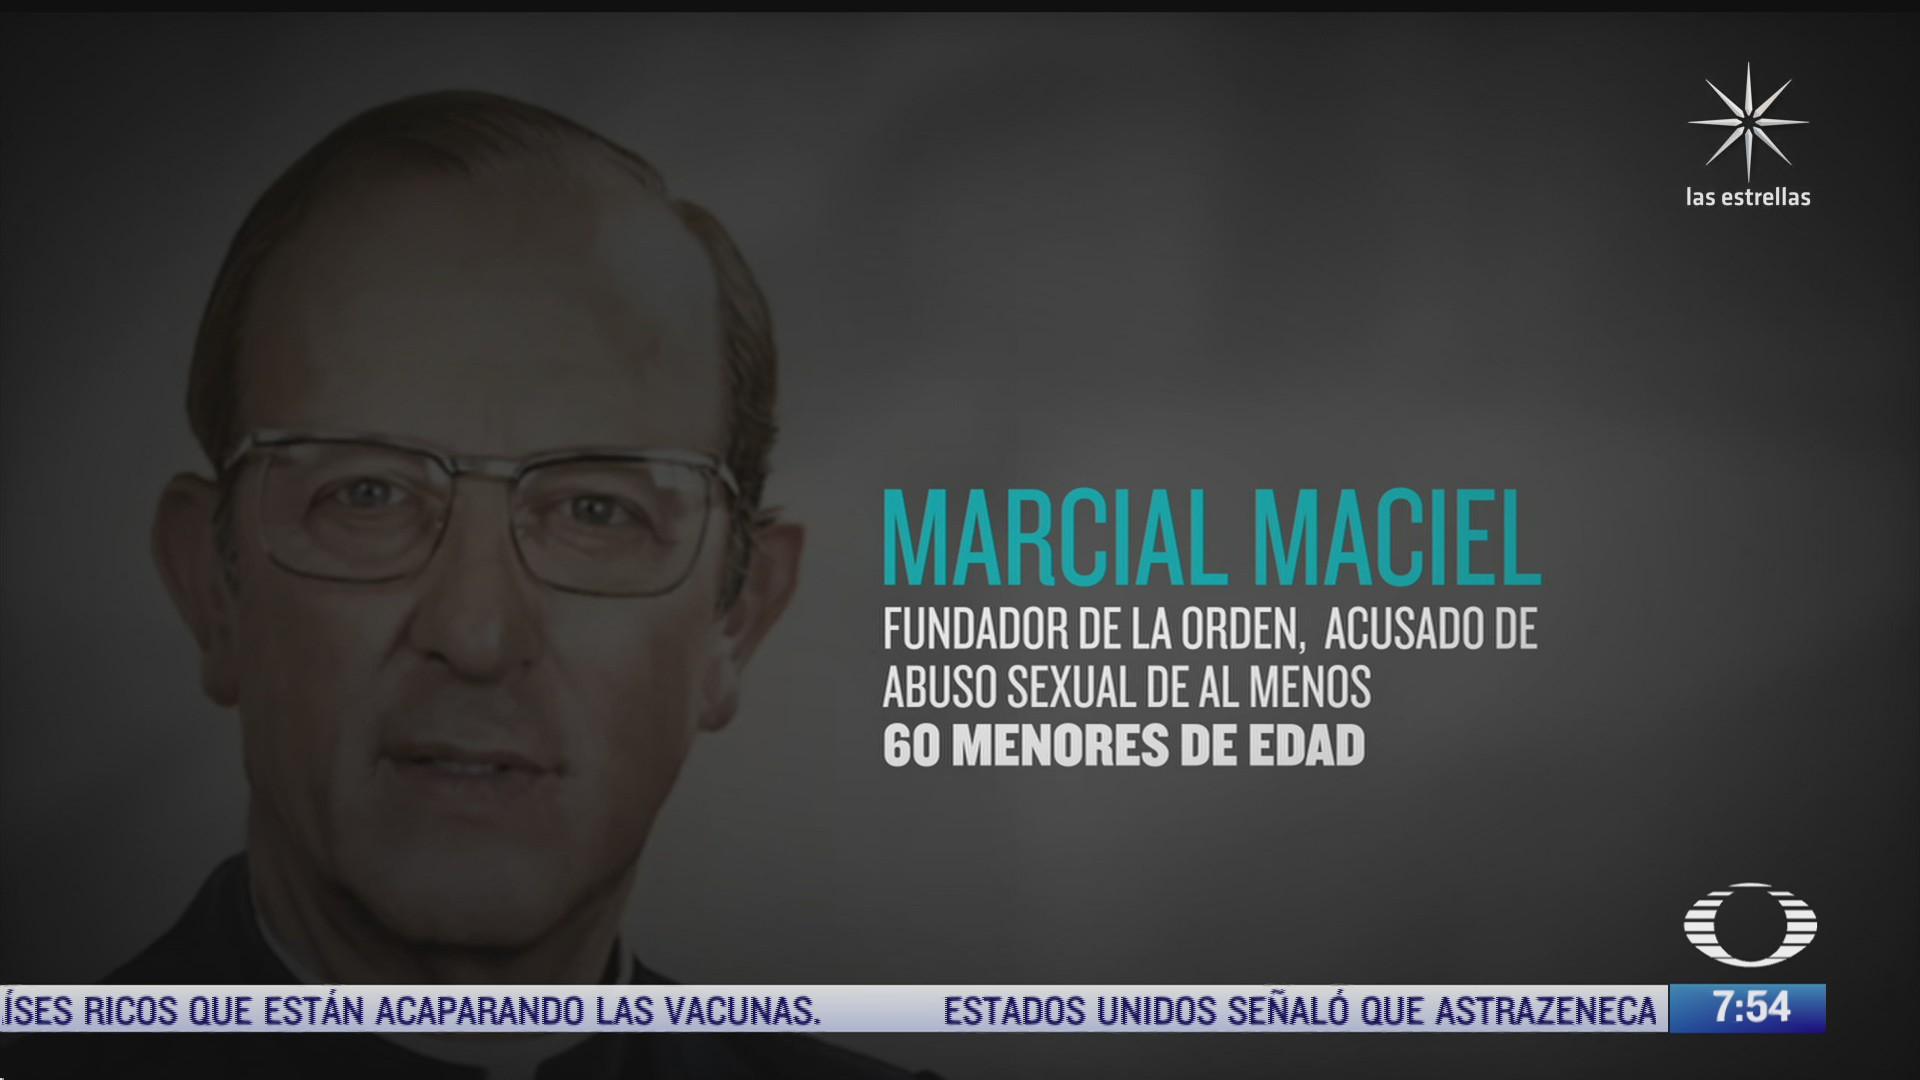 legionarios de cristo publica informe sobre abusos sexuales